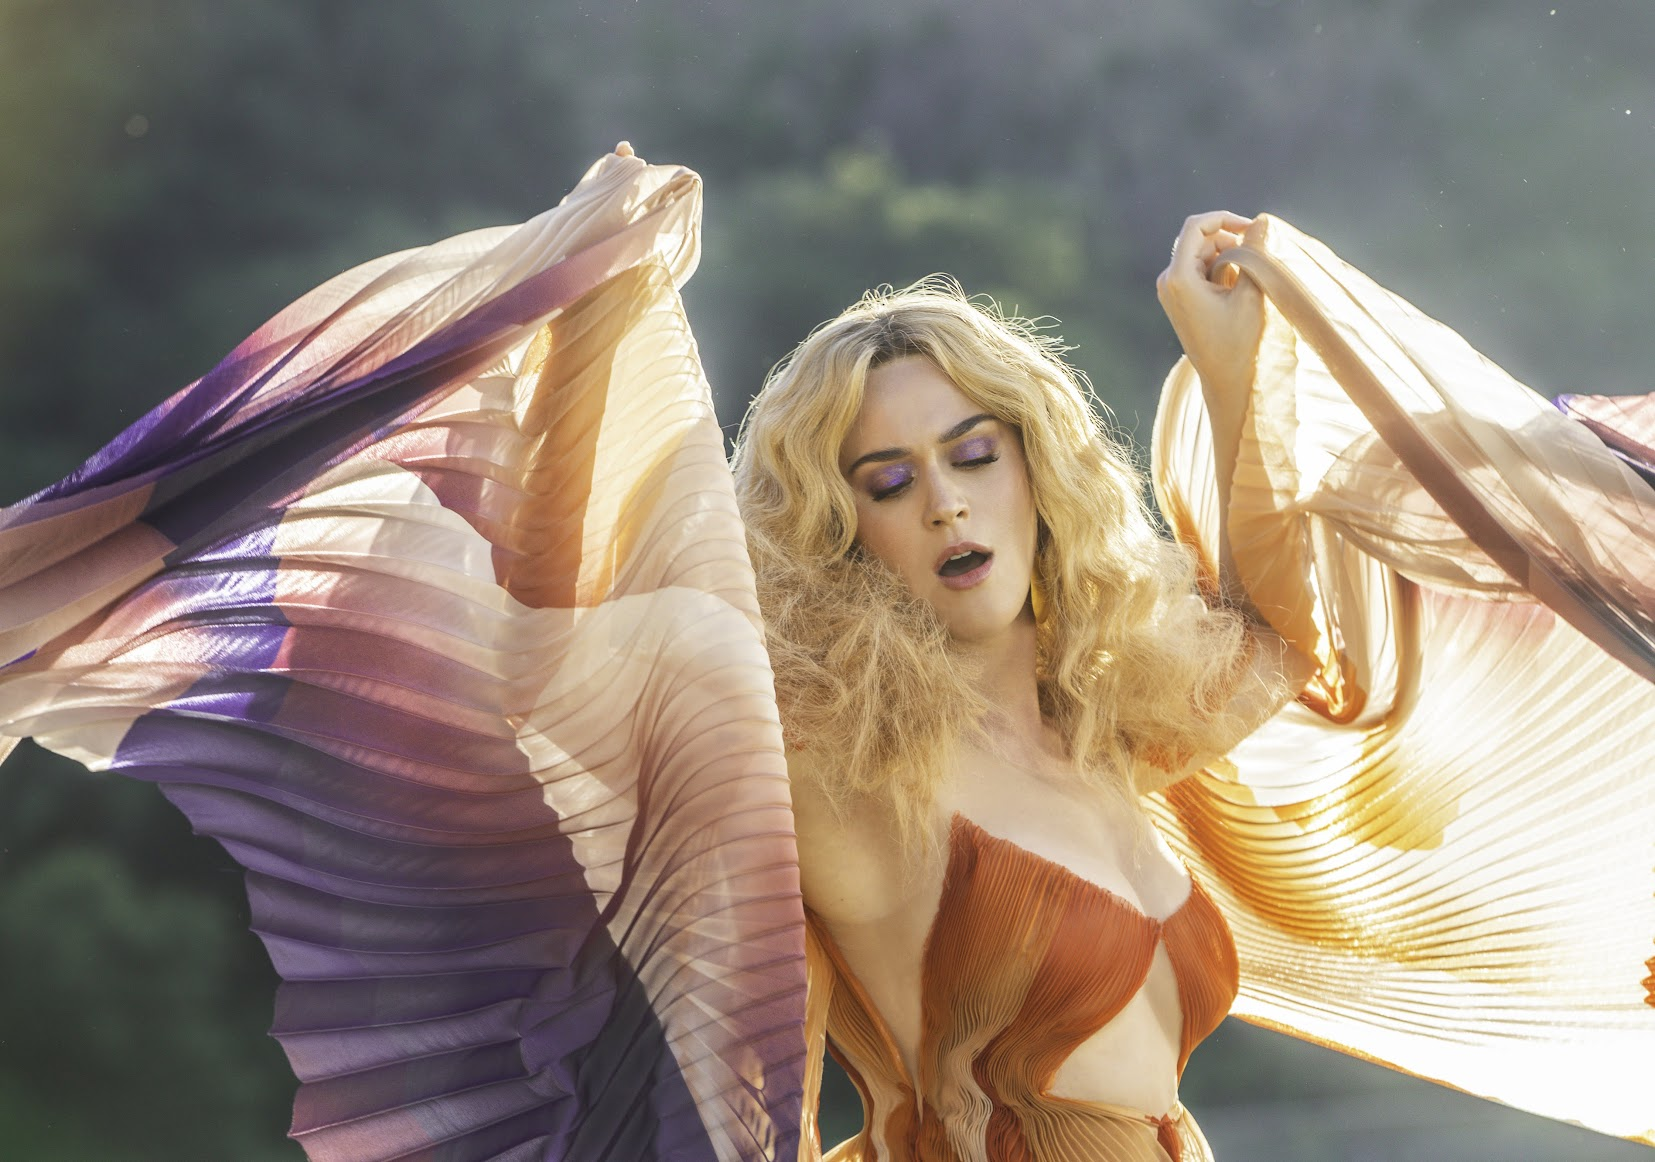 [迷迷音樂] 流行天后 凱蒂佩芮 Katy Perry 睽違兩年終於推出新作  宣傳新曲 天后與樂迷開心秀刺青